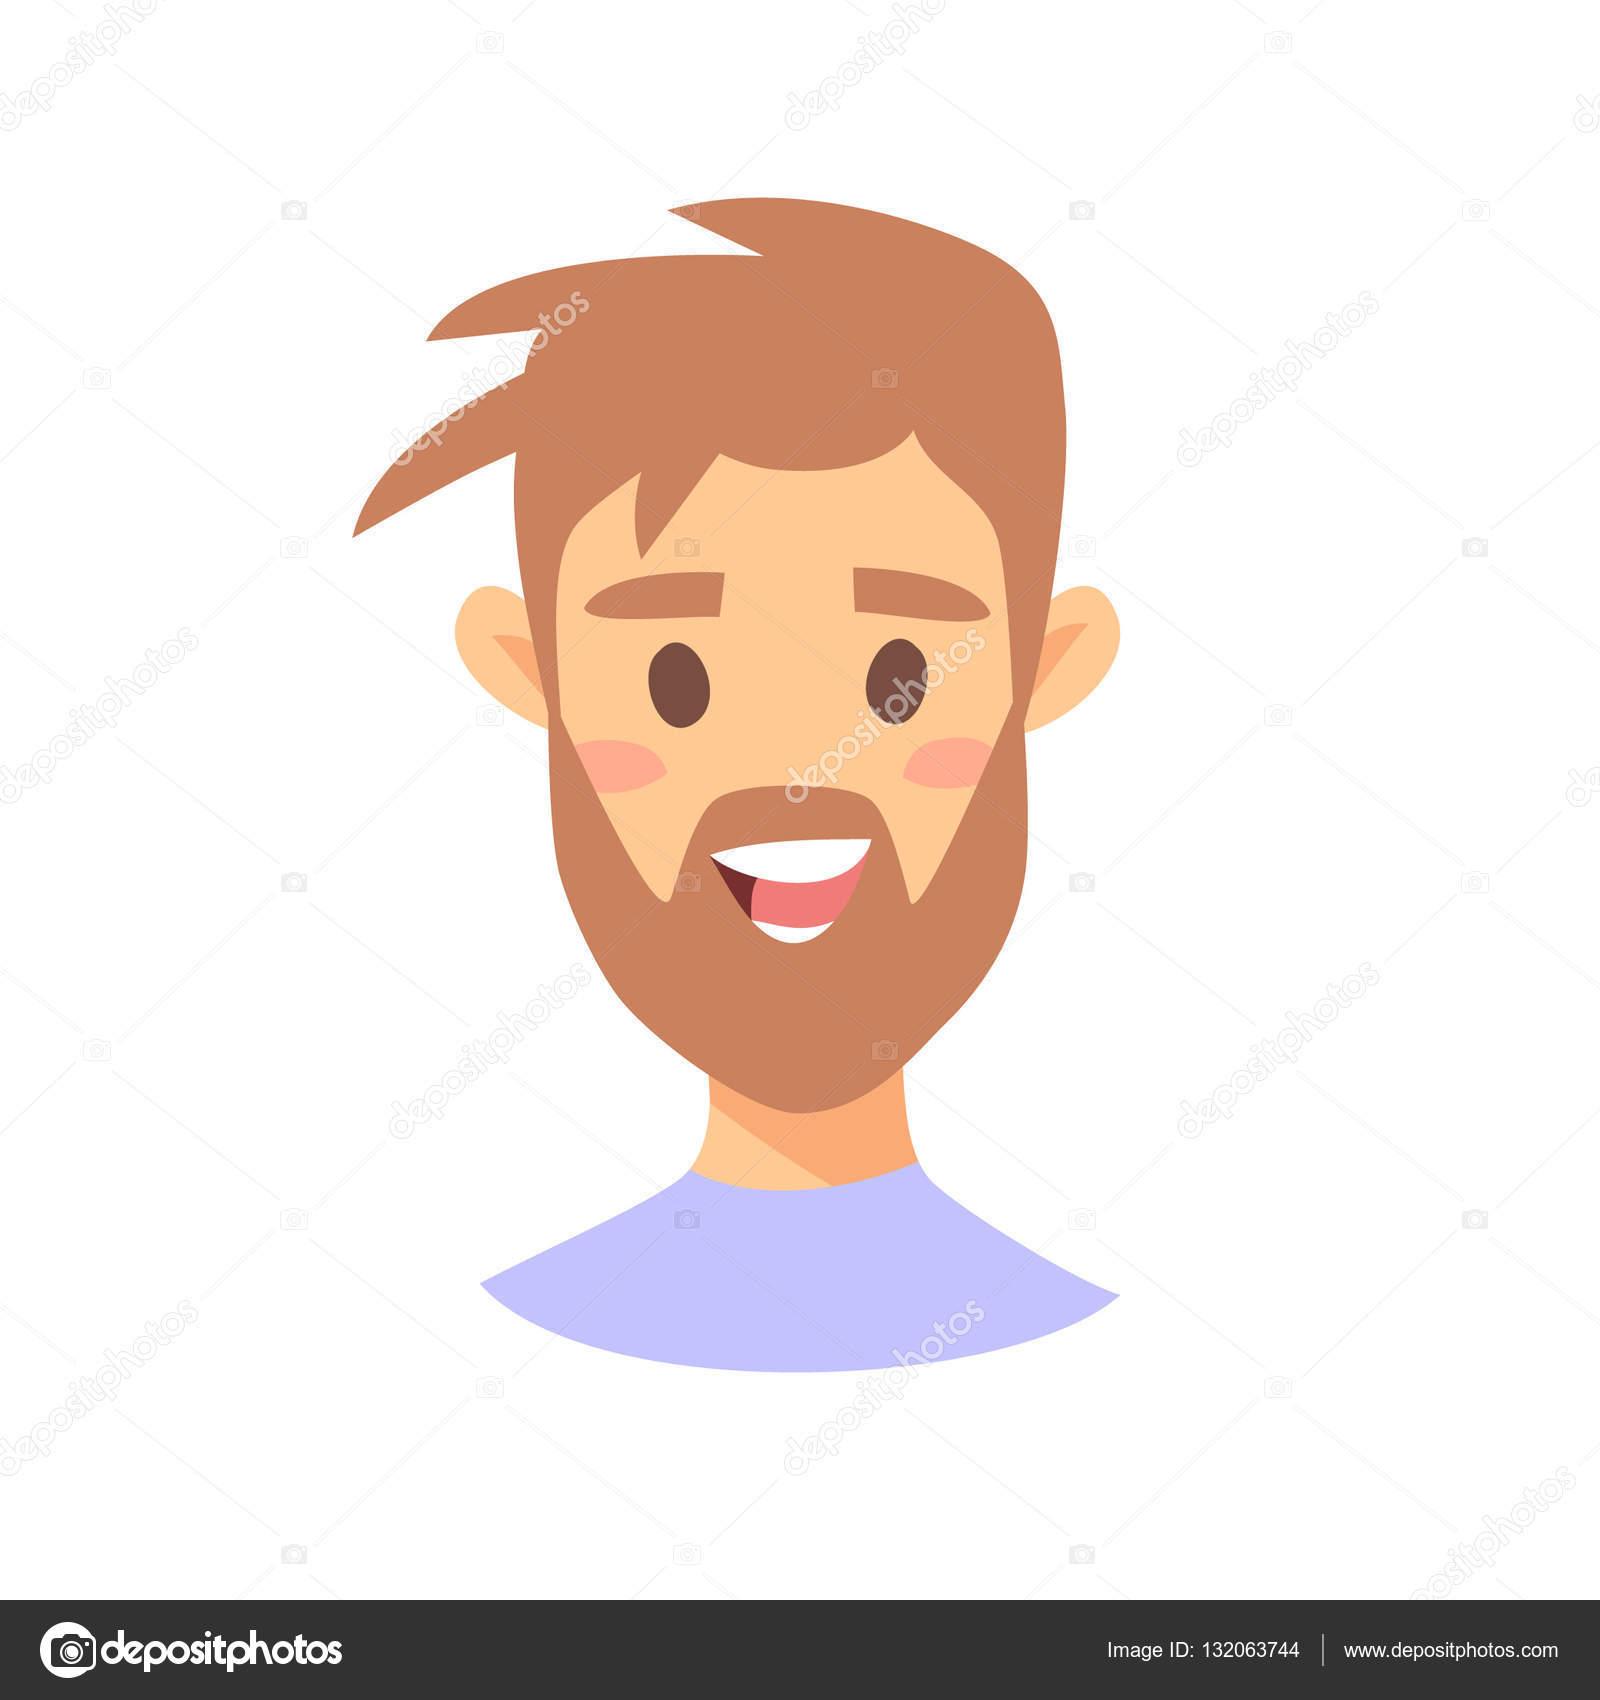 mignon personnage emoji icnes dmotion de style de dessin anim avatars de garon isol avec des expressions du visage agrable